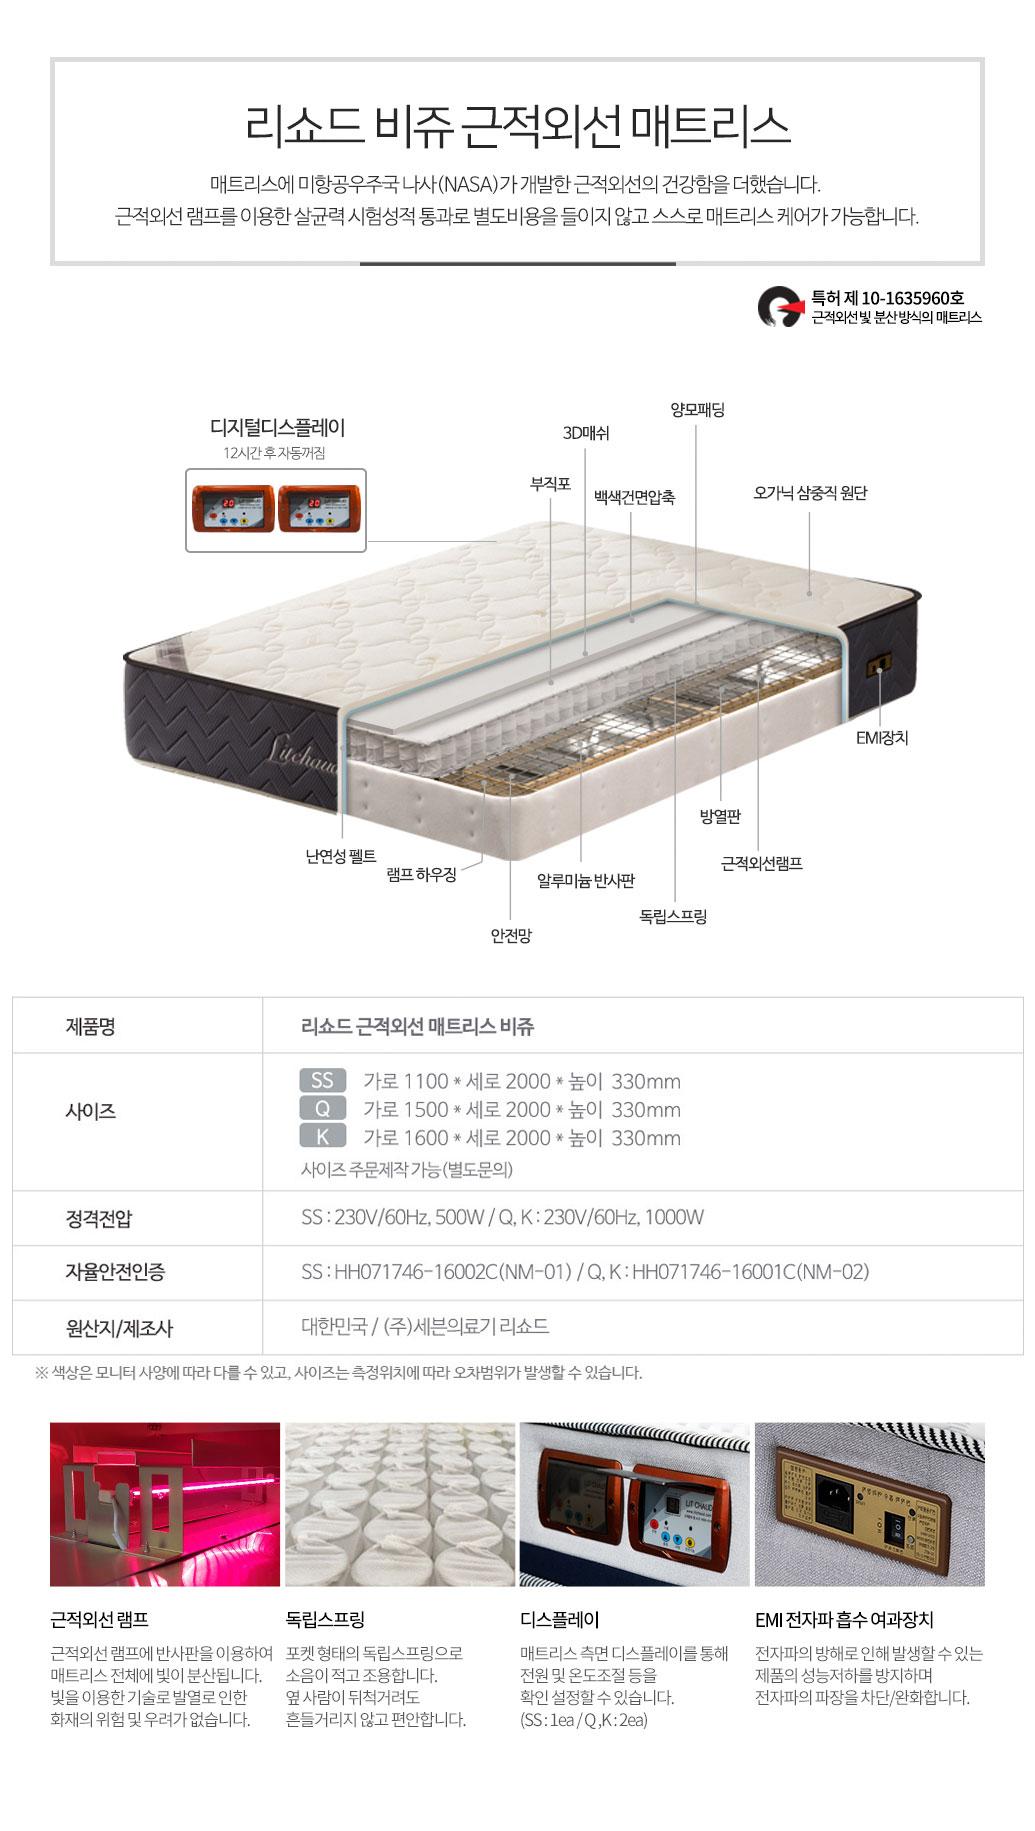 mattress_4.jpg